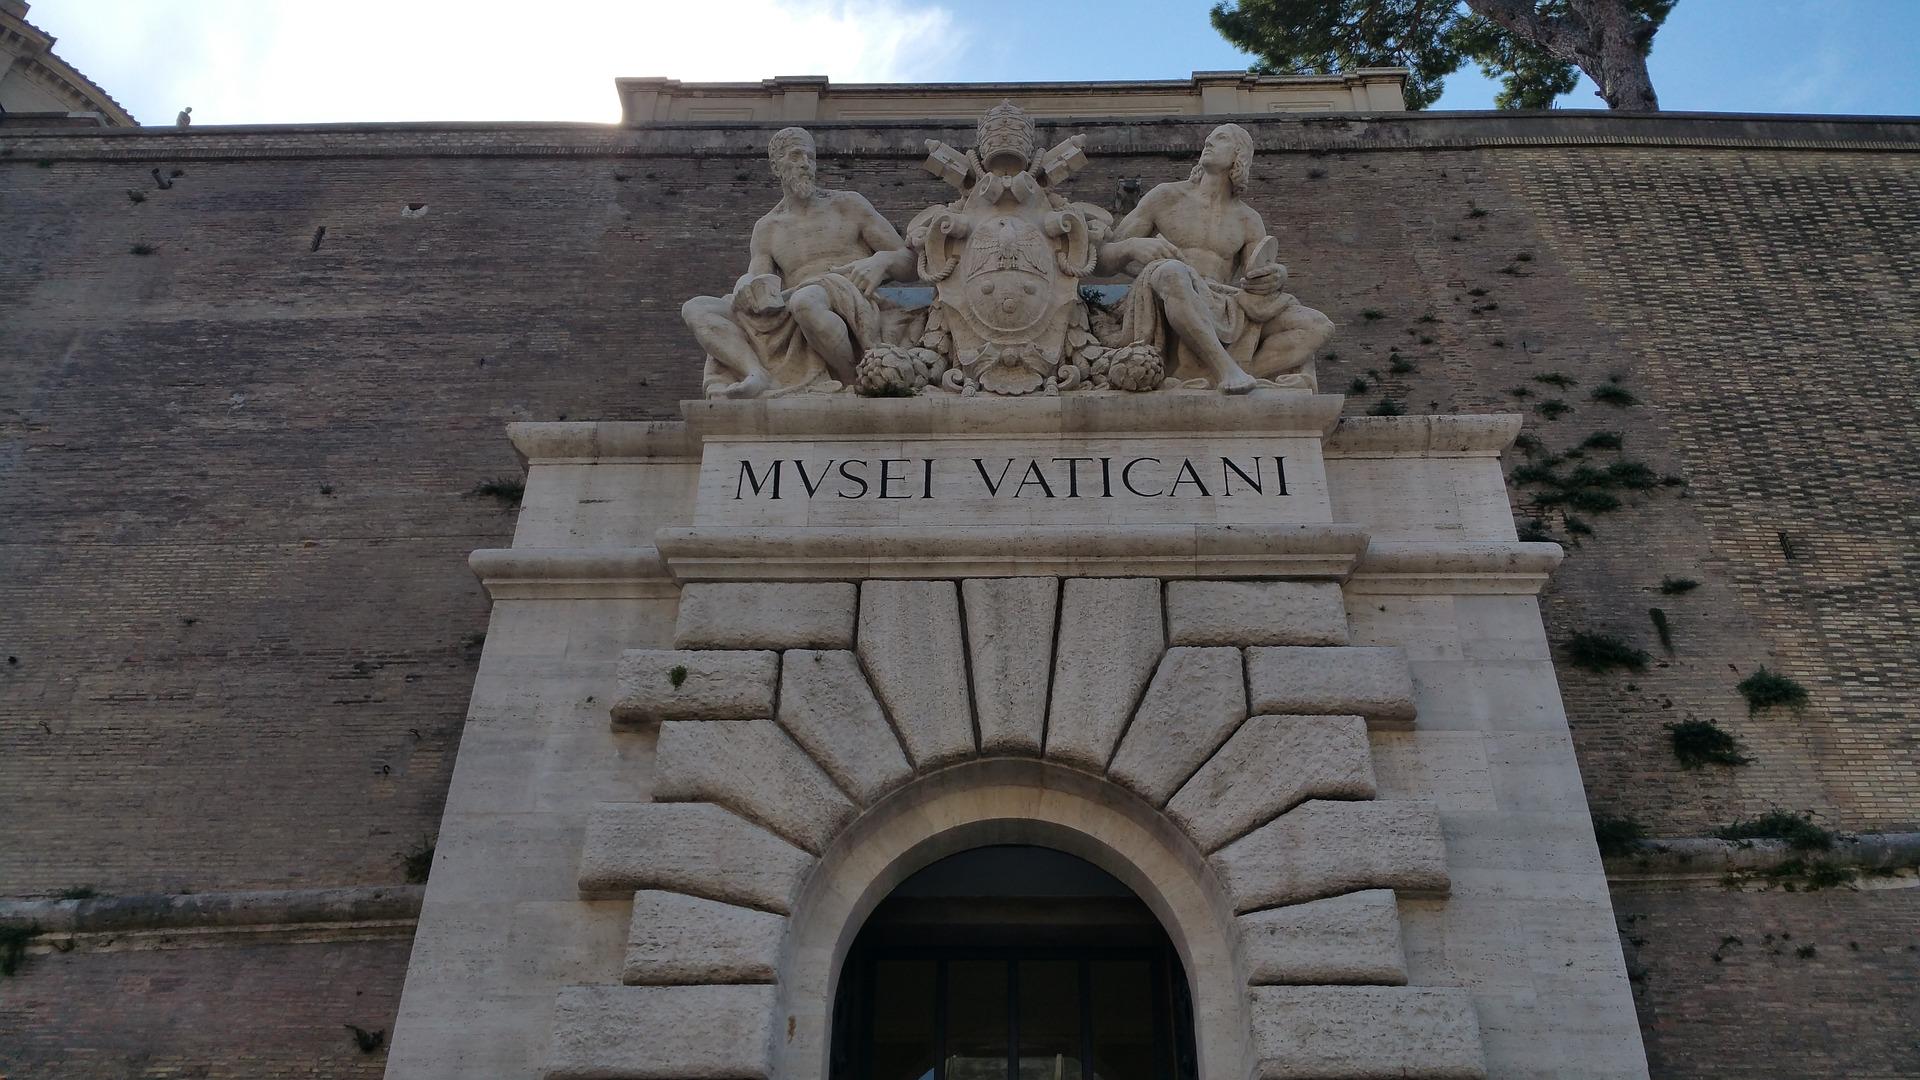 vatikan, italija, rim, umetnost, izlozbe